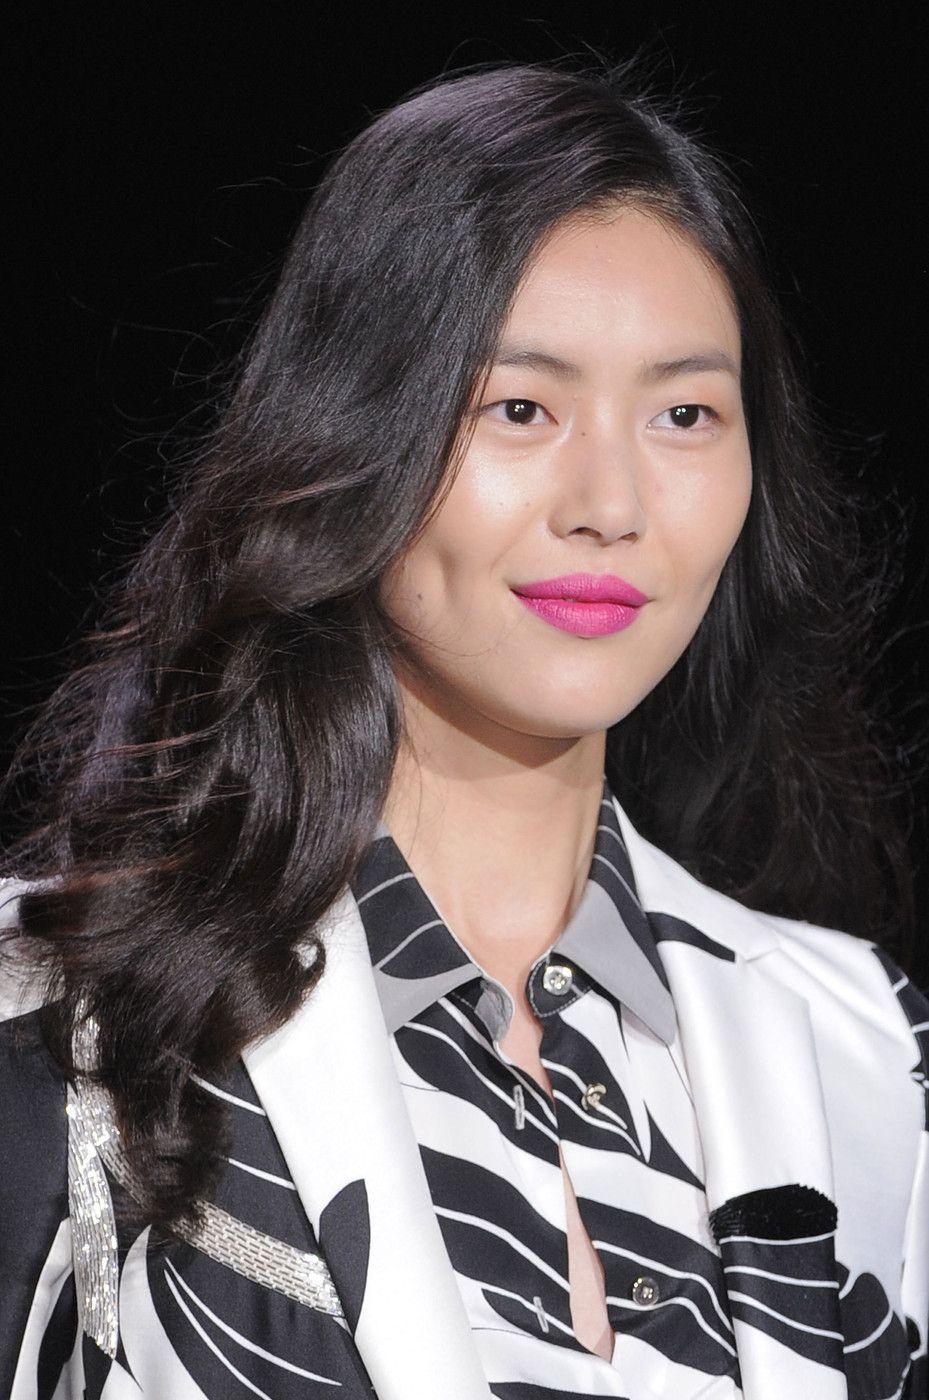 Liu wen1